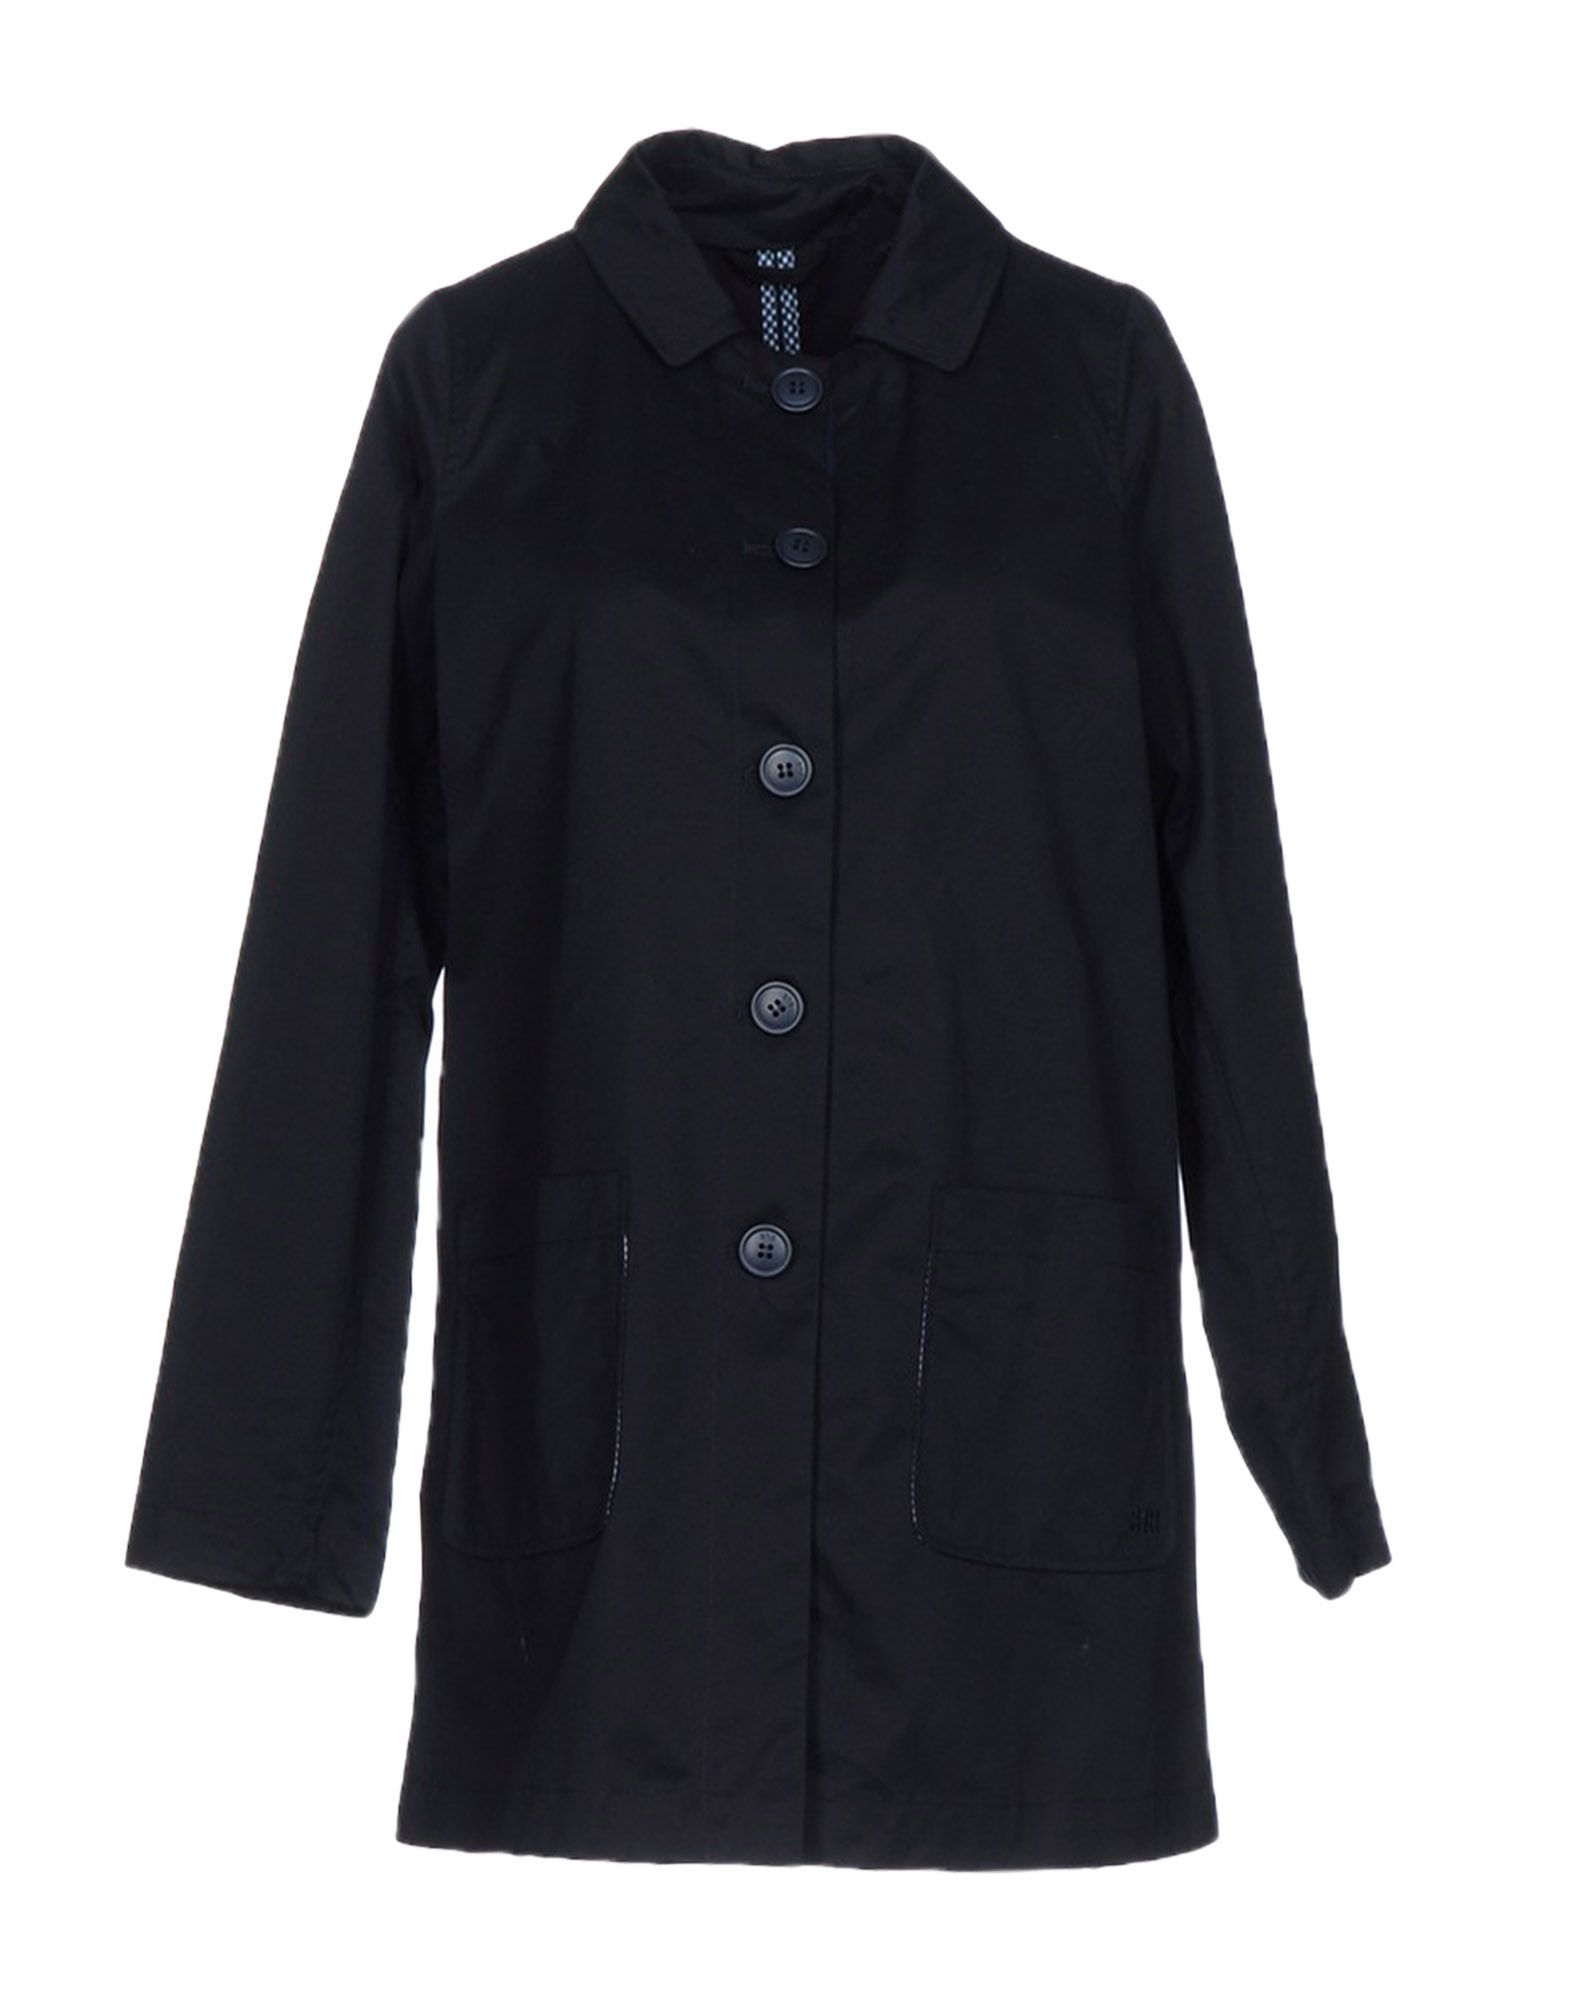 313 TRE UNO TRE Легкое пальто визуально тактильная мнемосхема помещения